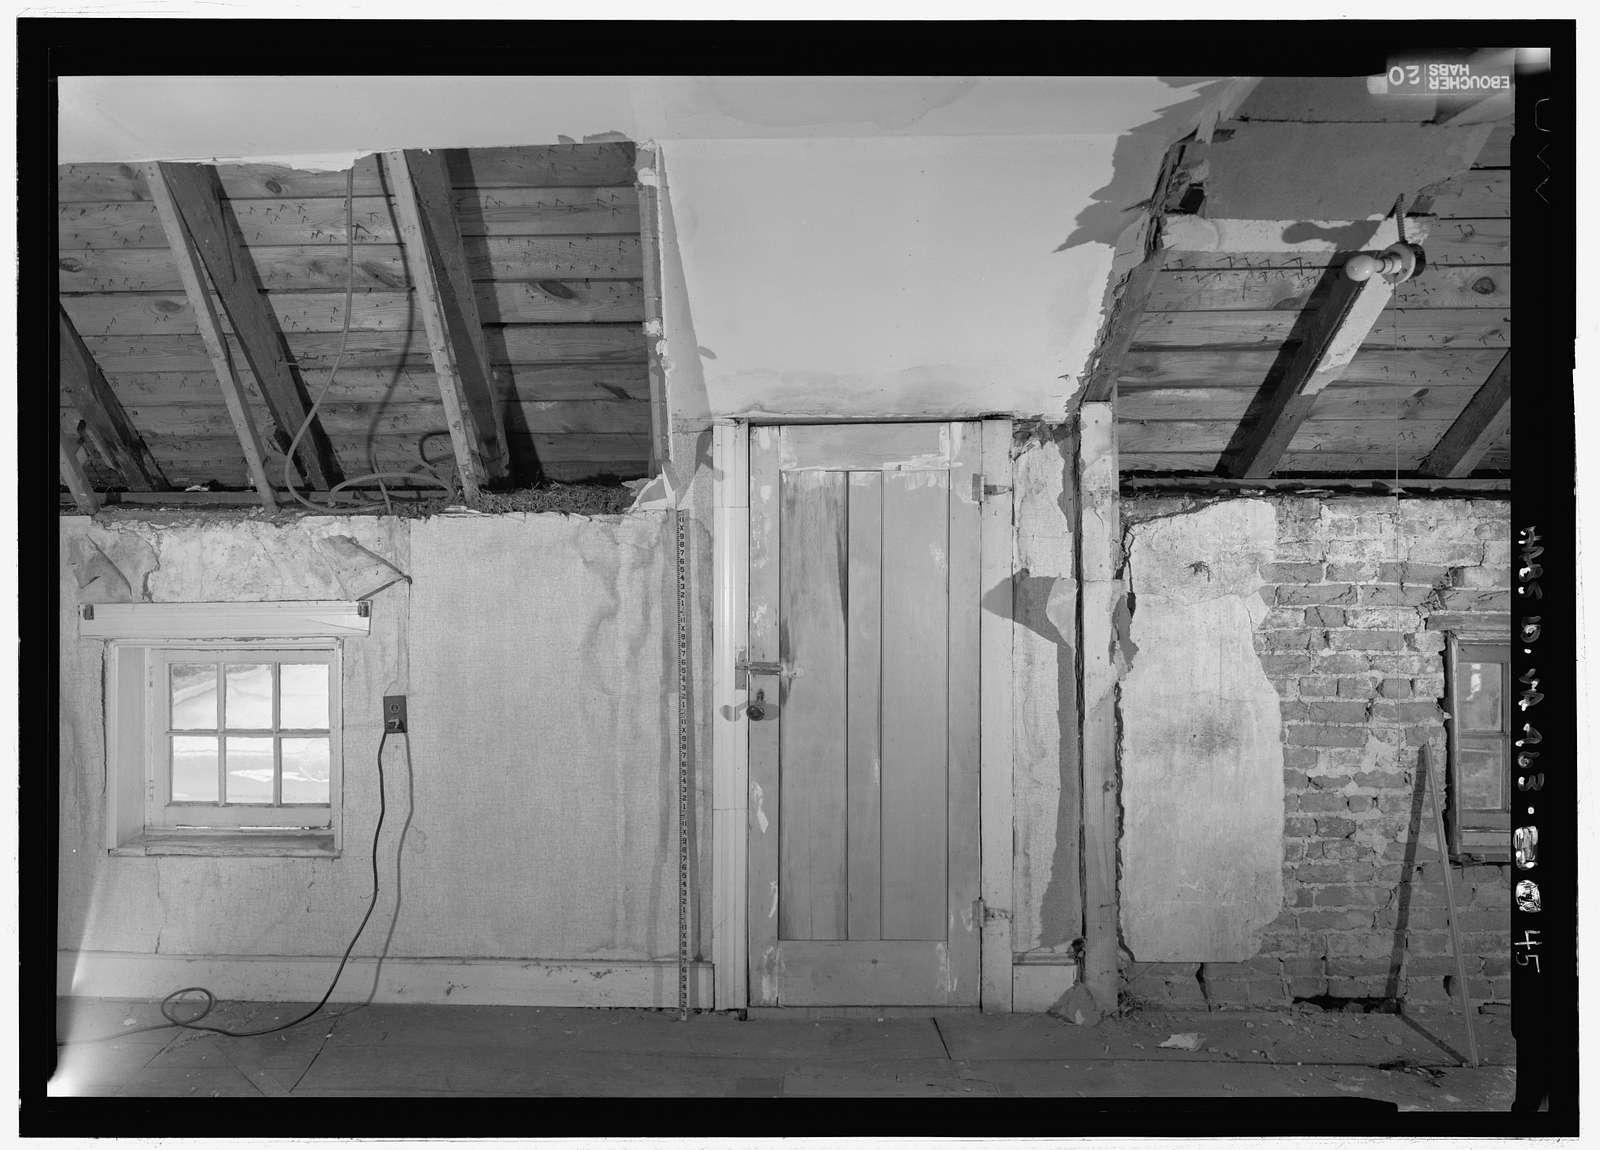 Earp's Ordinary, Main Street, Fairfax, Fairfax City, VA